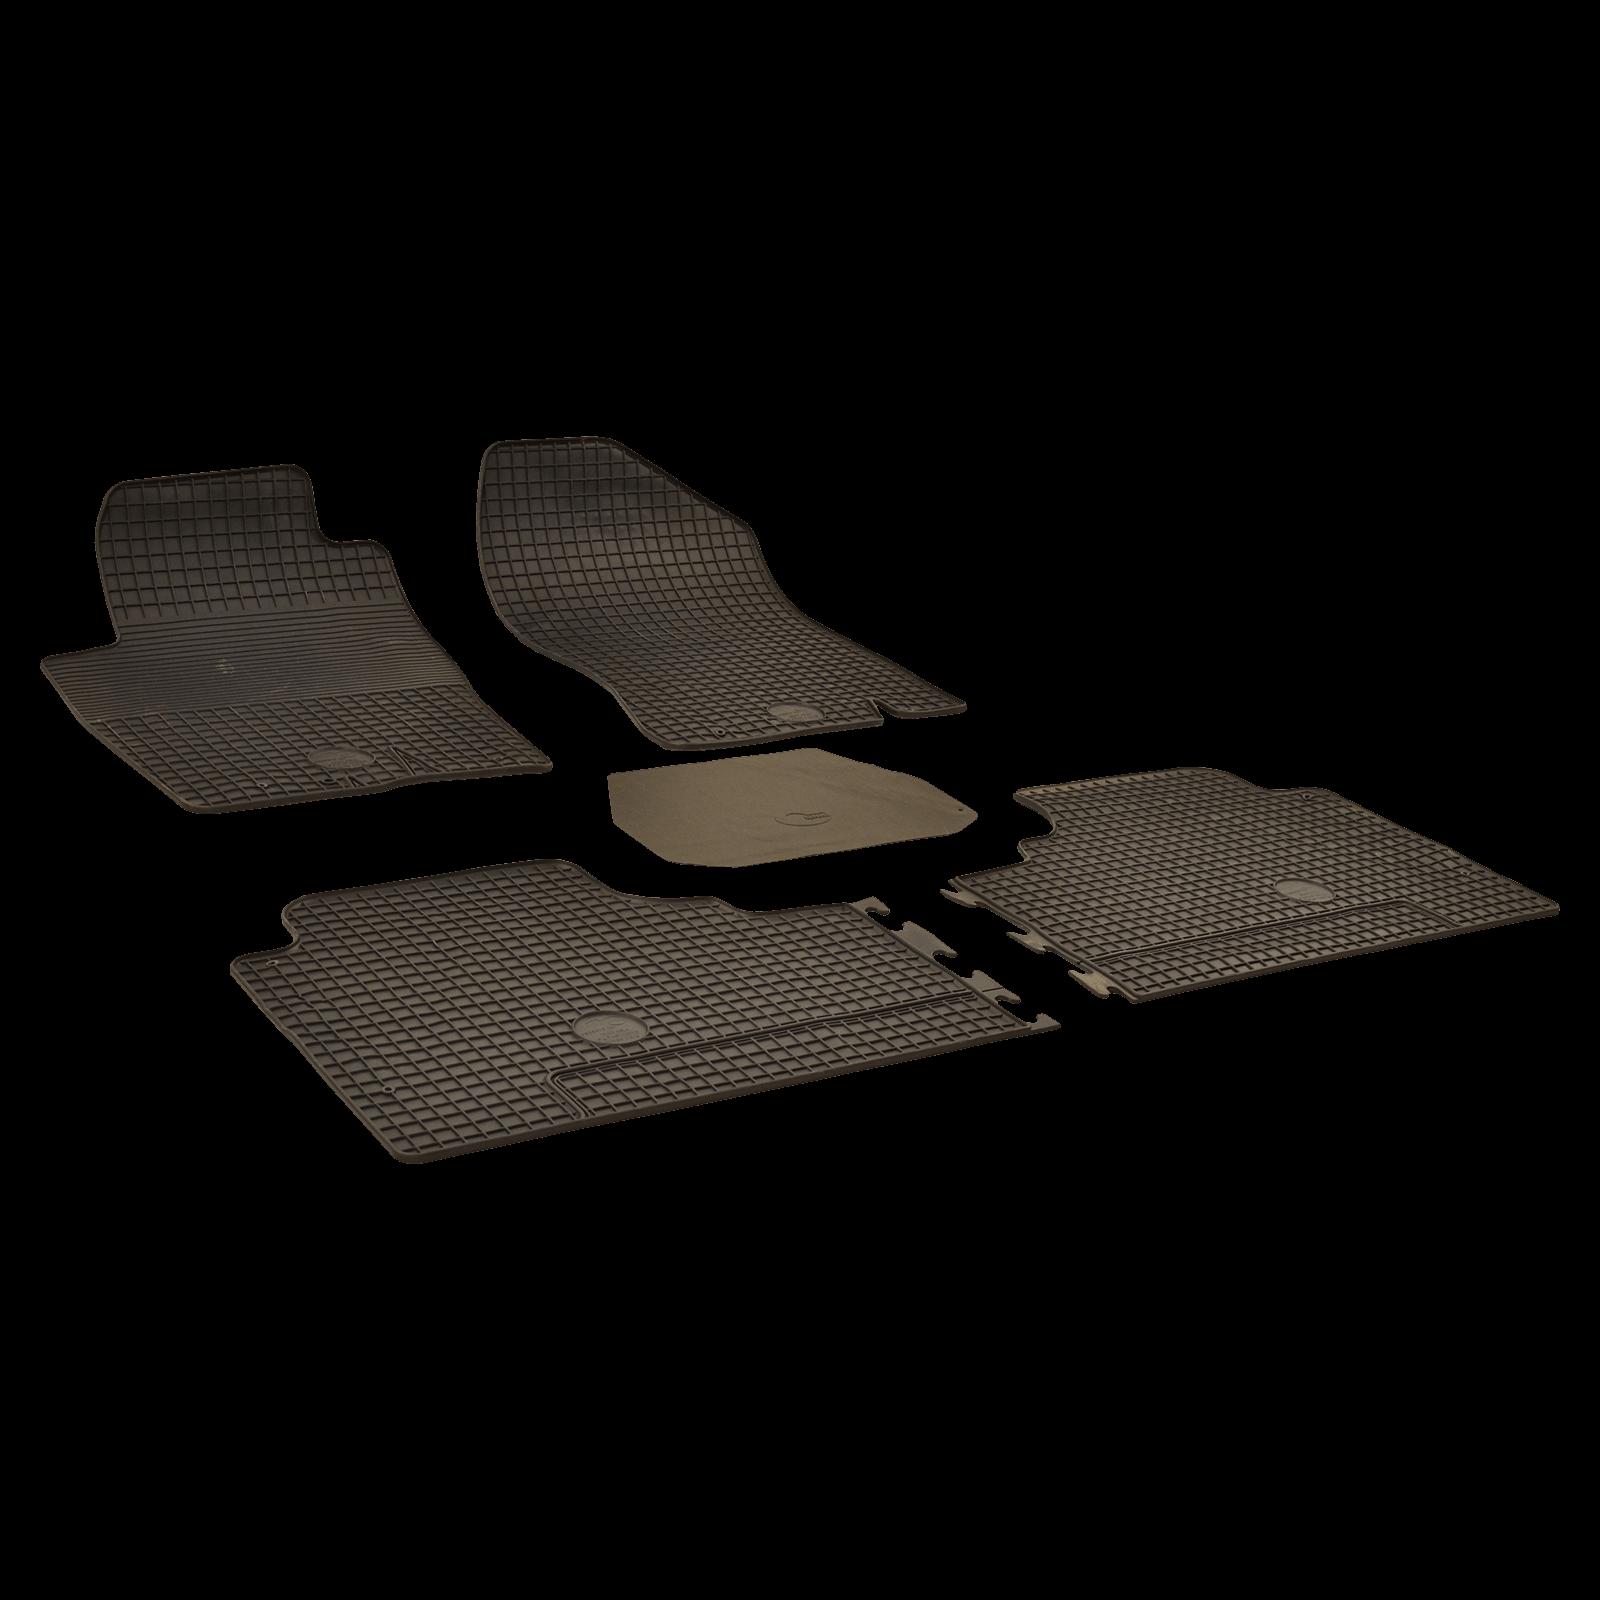 tapis de sol en caoutchouc noir pour nissan np300 navara. Black Bedroom Furniture Sets. Home Design Ideas